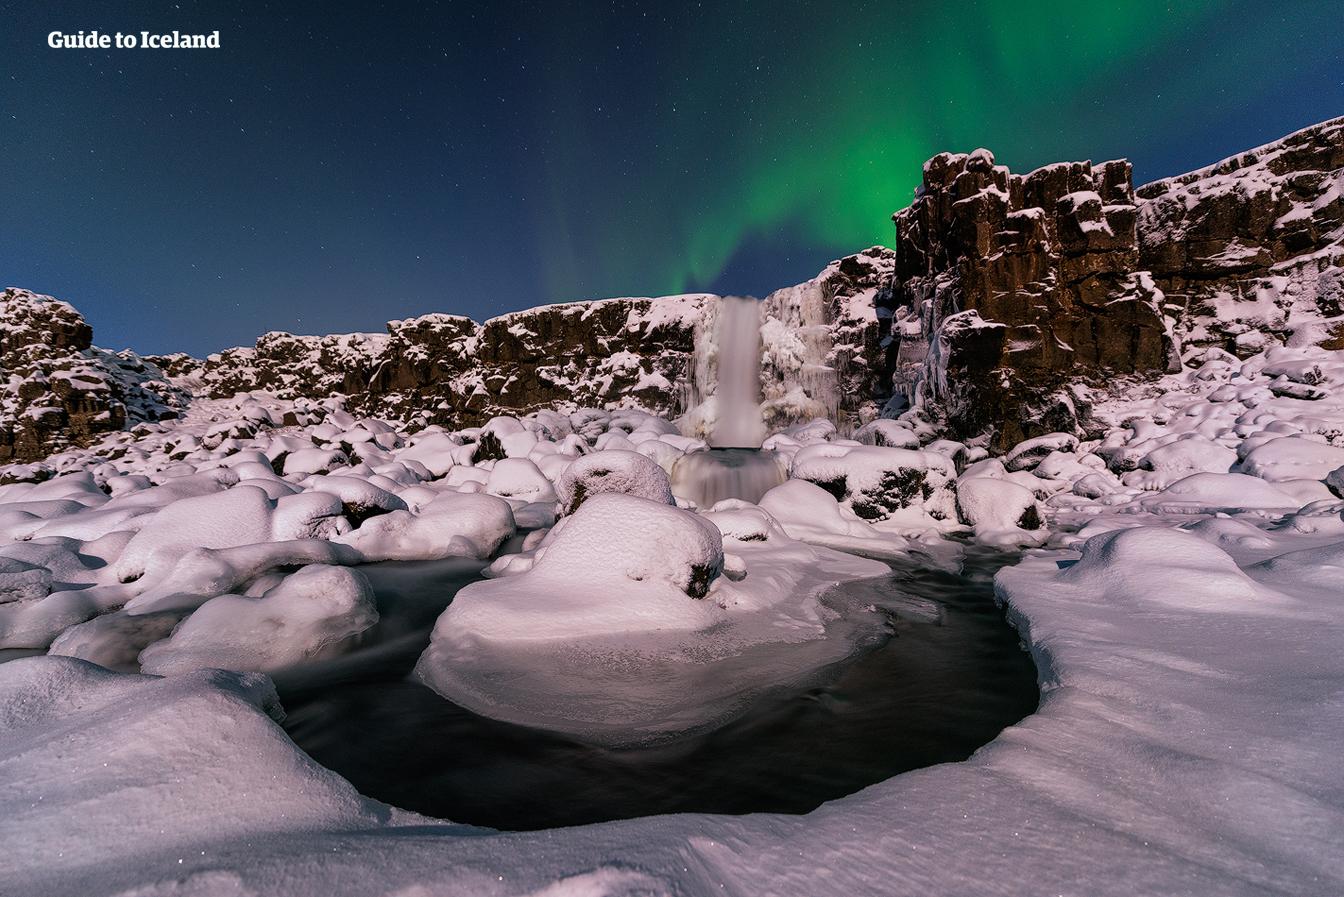 So sieht der Wasserfall Öxarárfoss in Südwestisland aus, wenn im Winter die Nordlichter über ihm tanzen.